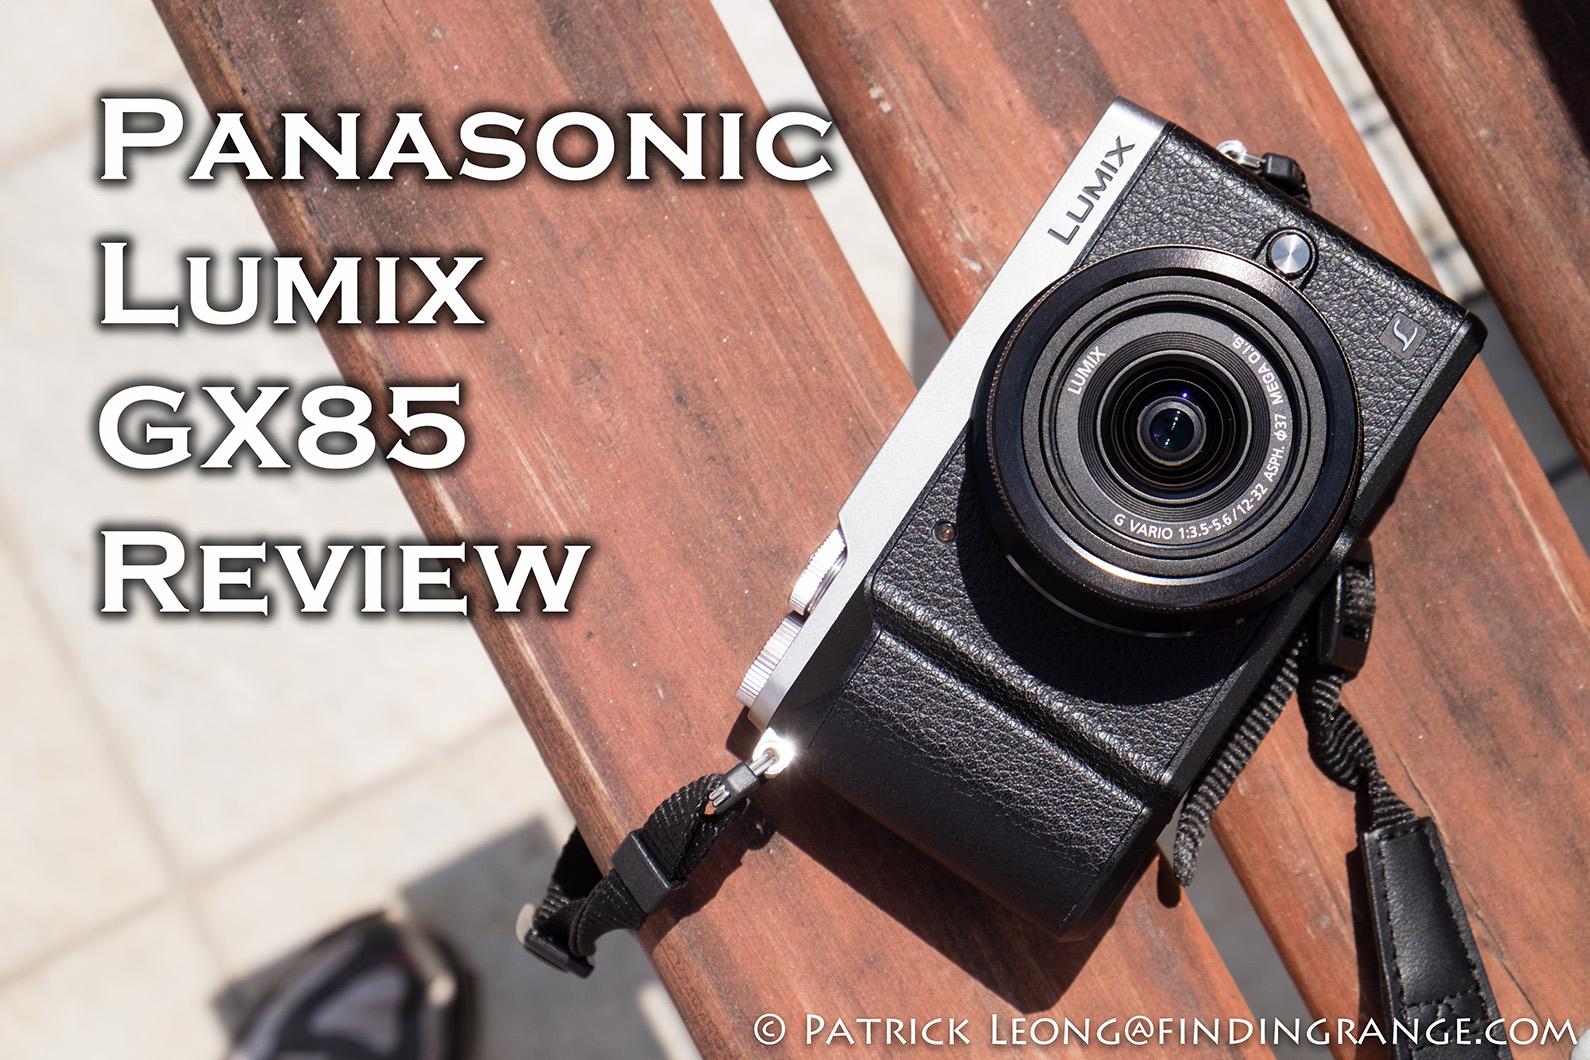 Panasonic-Lumix-GX85-12-32mm-Review-1